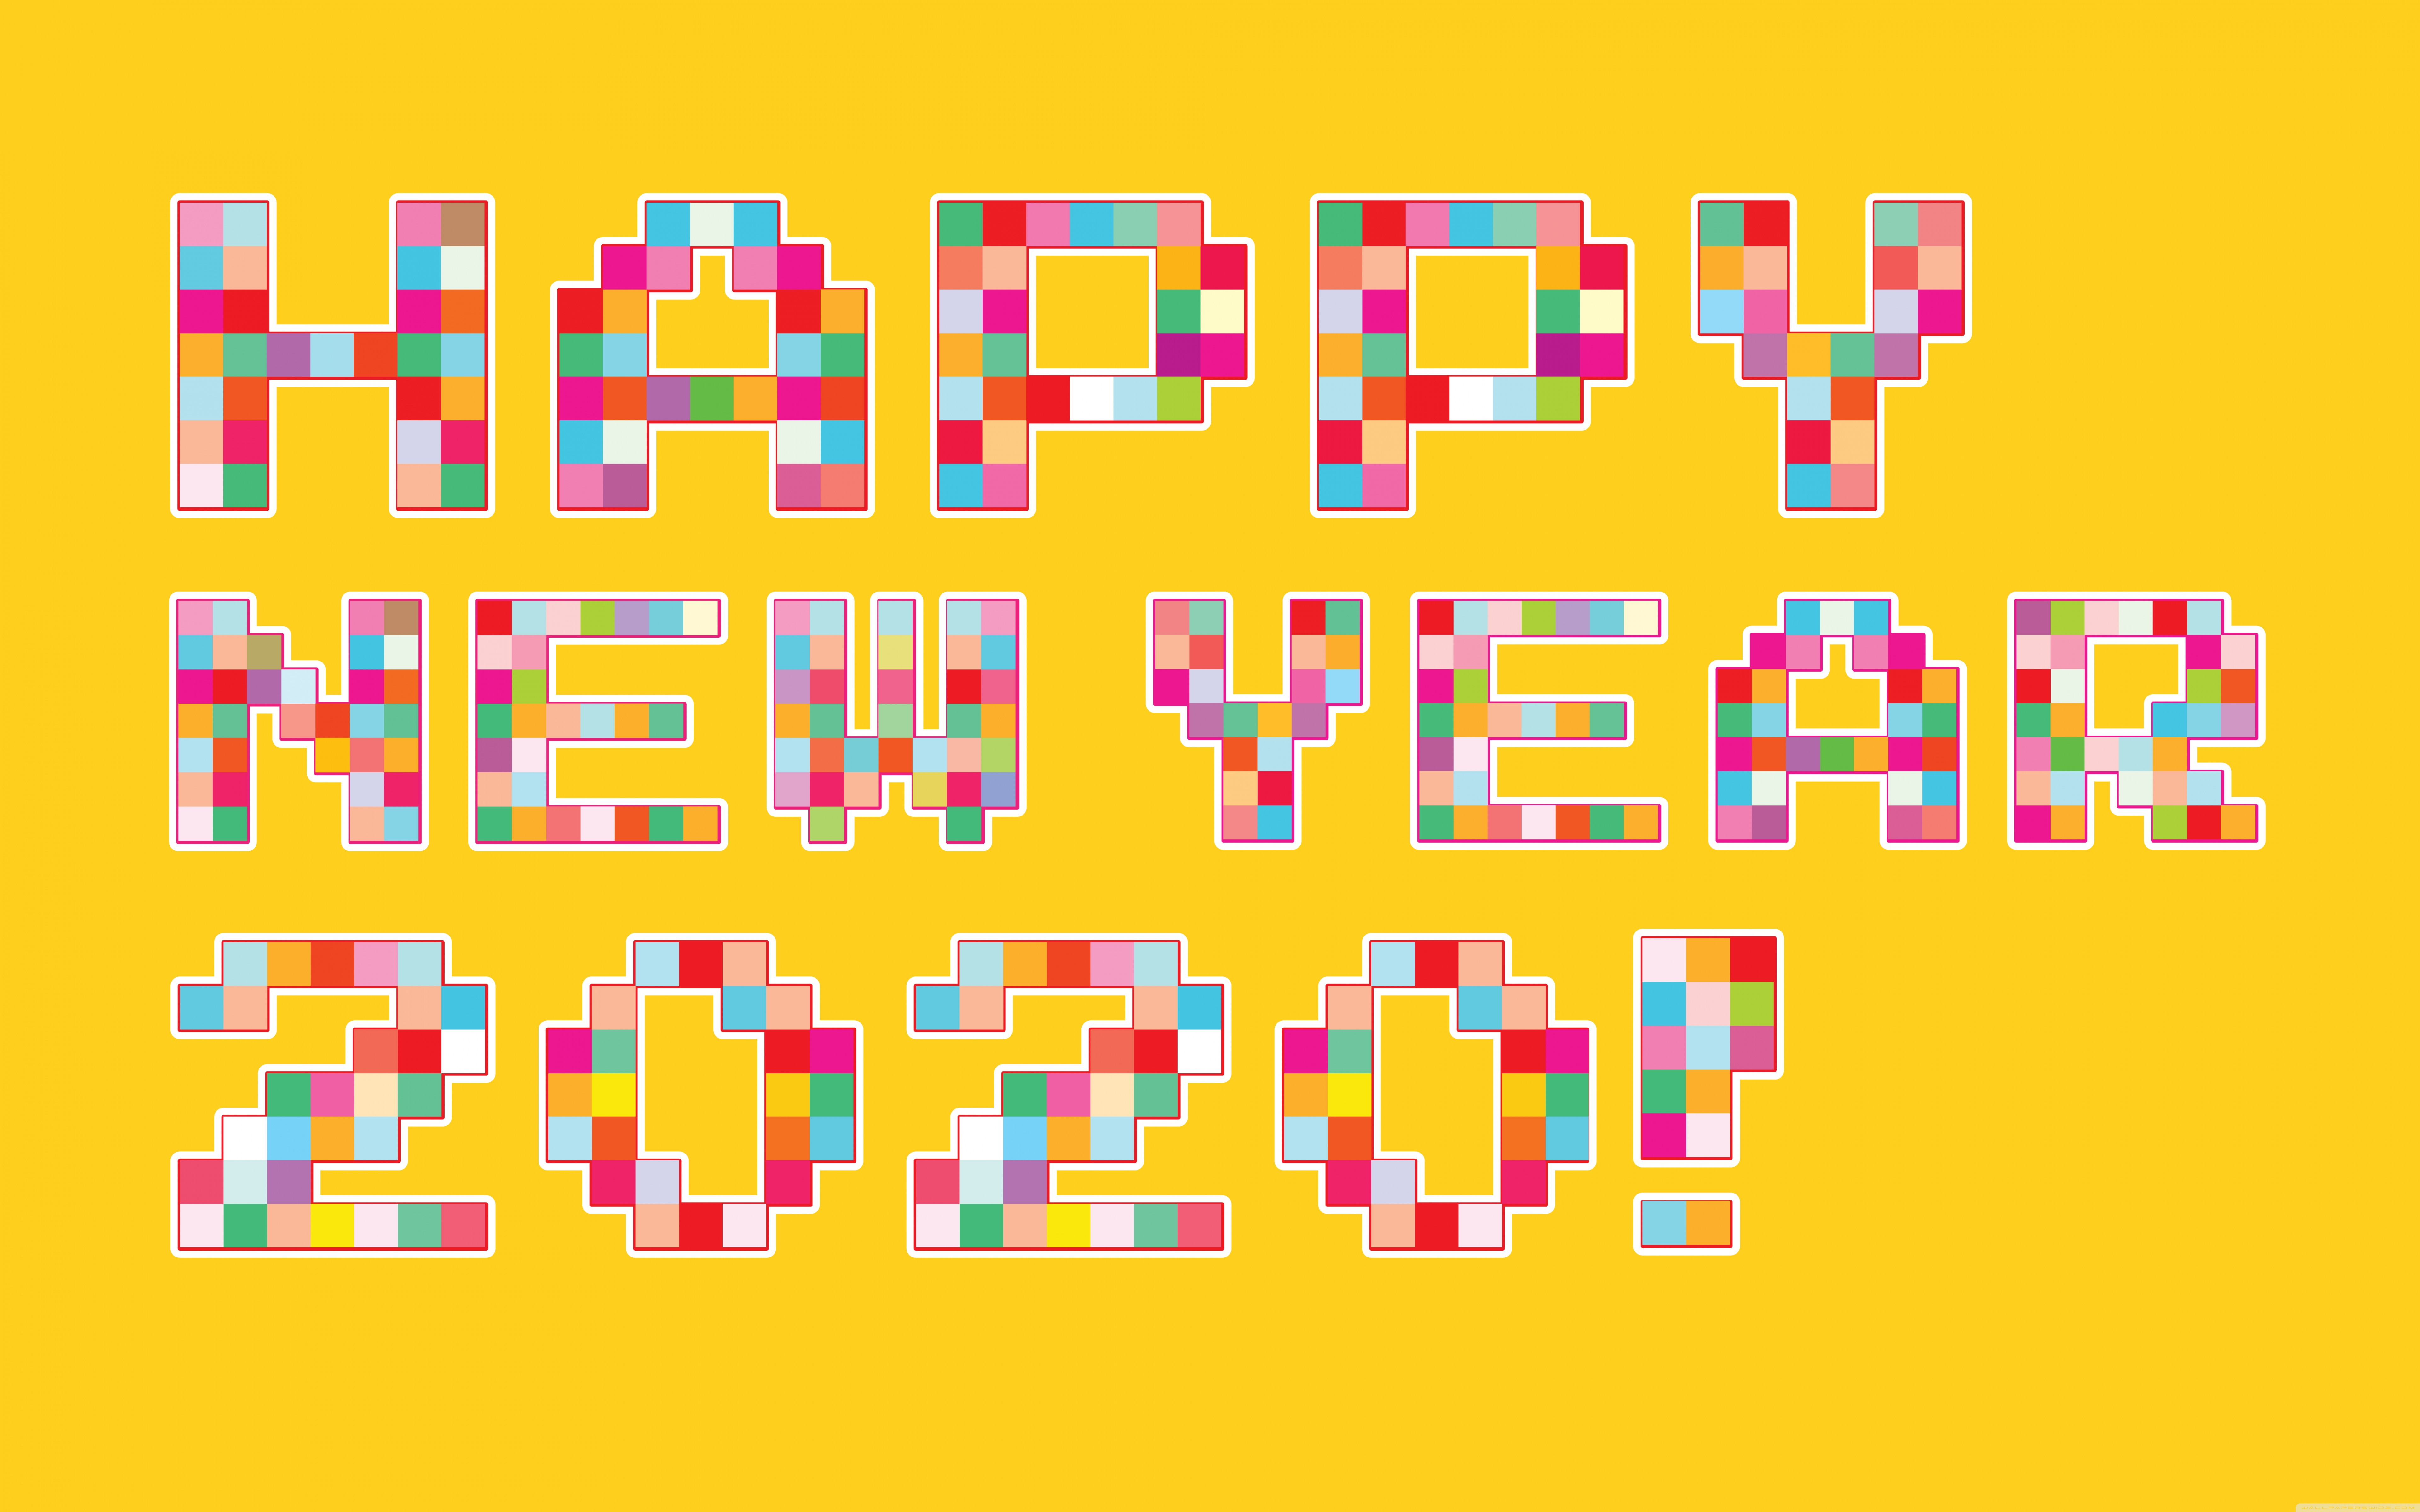 Happy New Year 2020 Pixel Art 4K HD Desktop Wallpaper for 4K 7680x4800